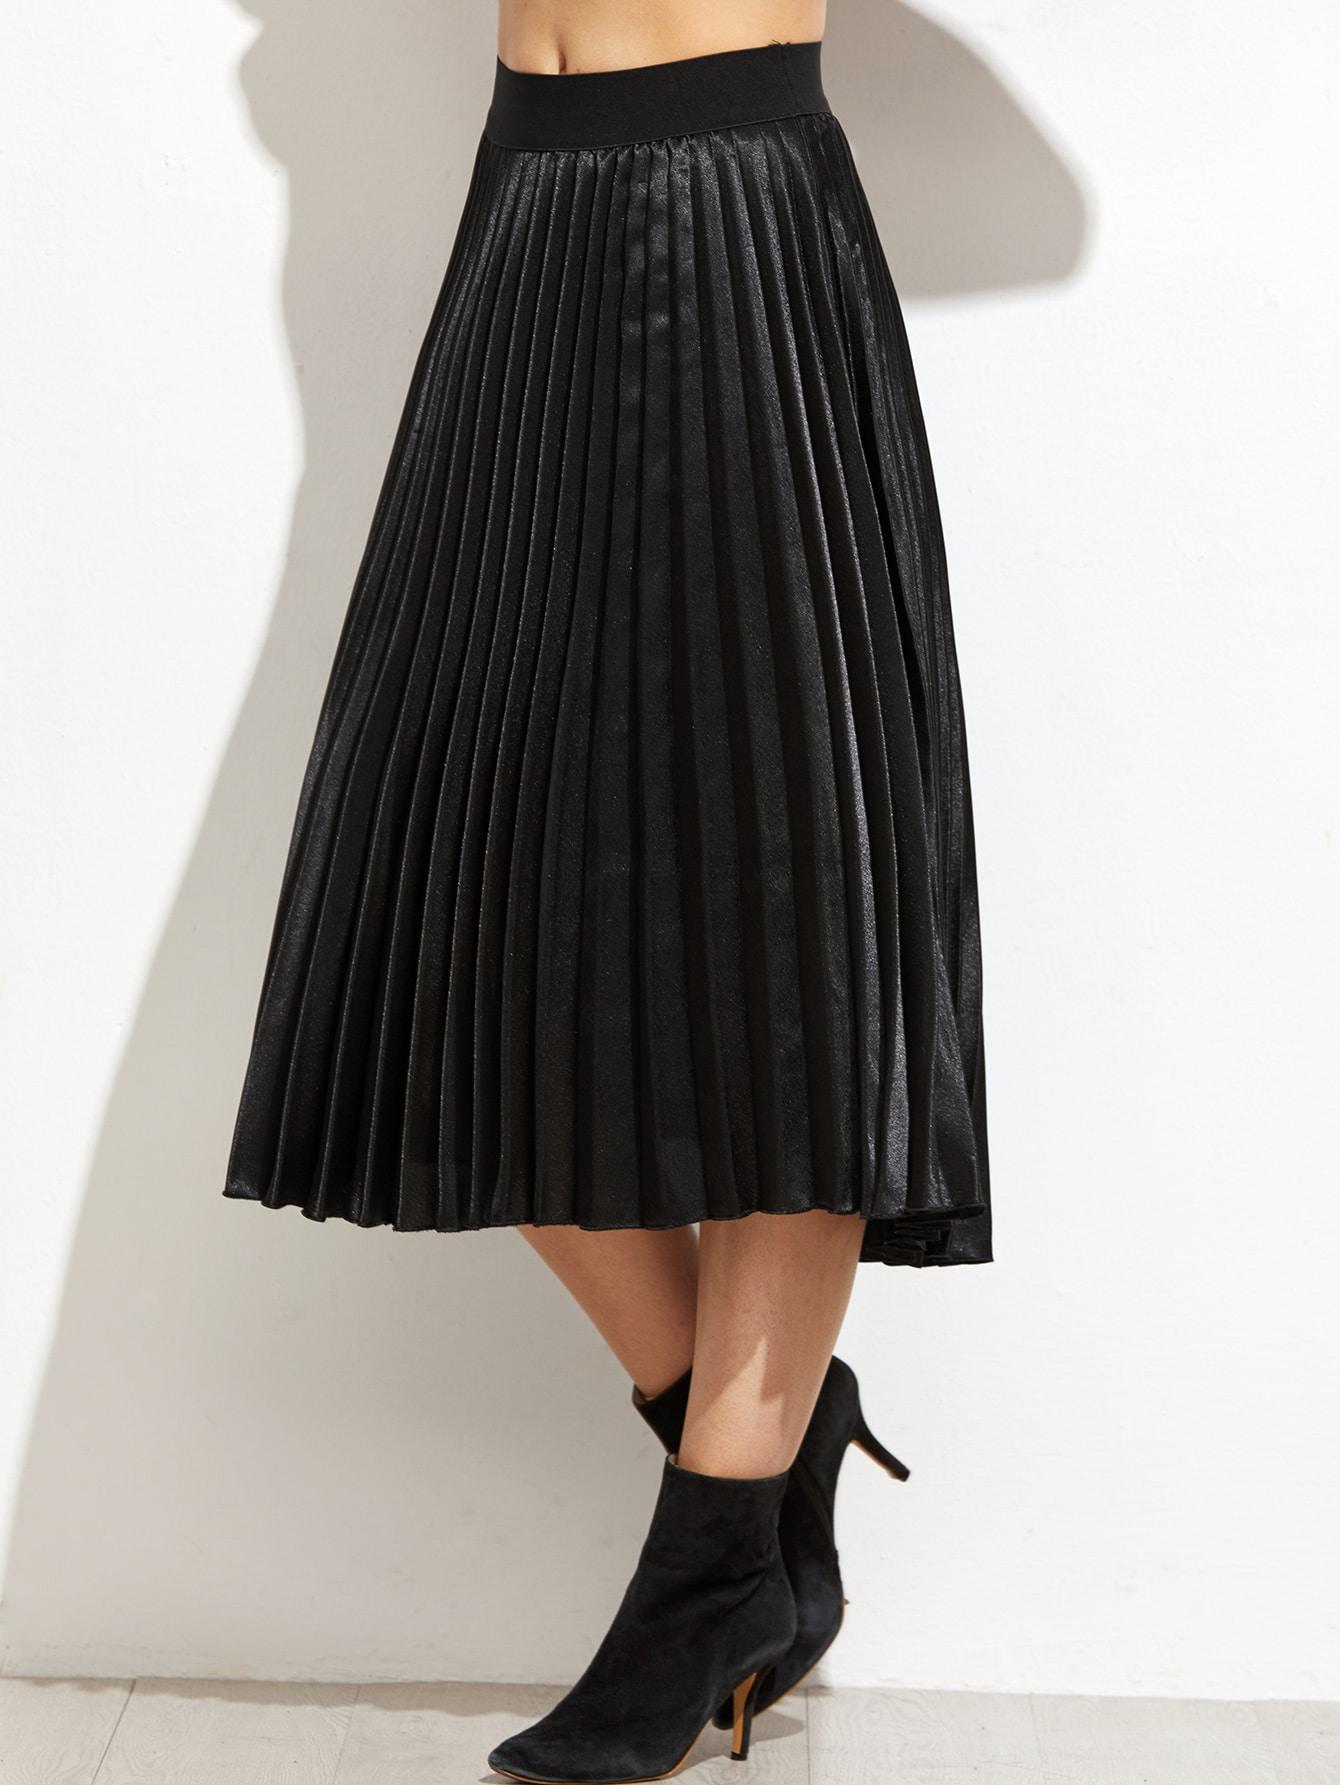 skirt161013033_2